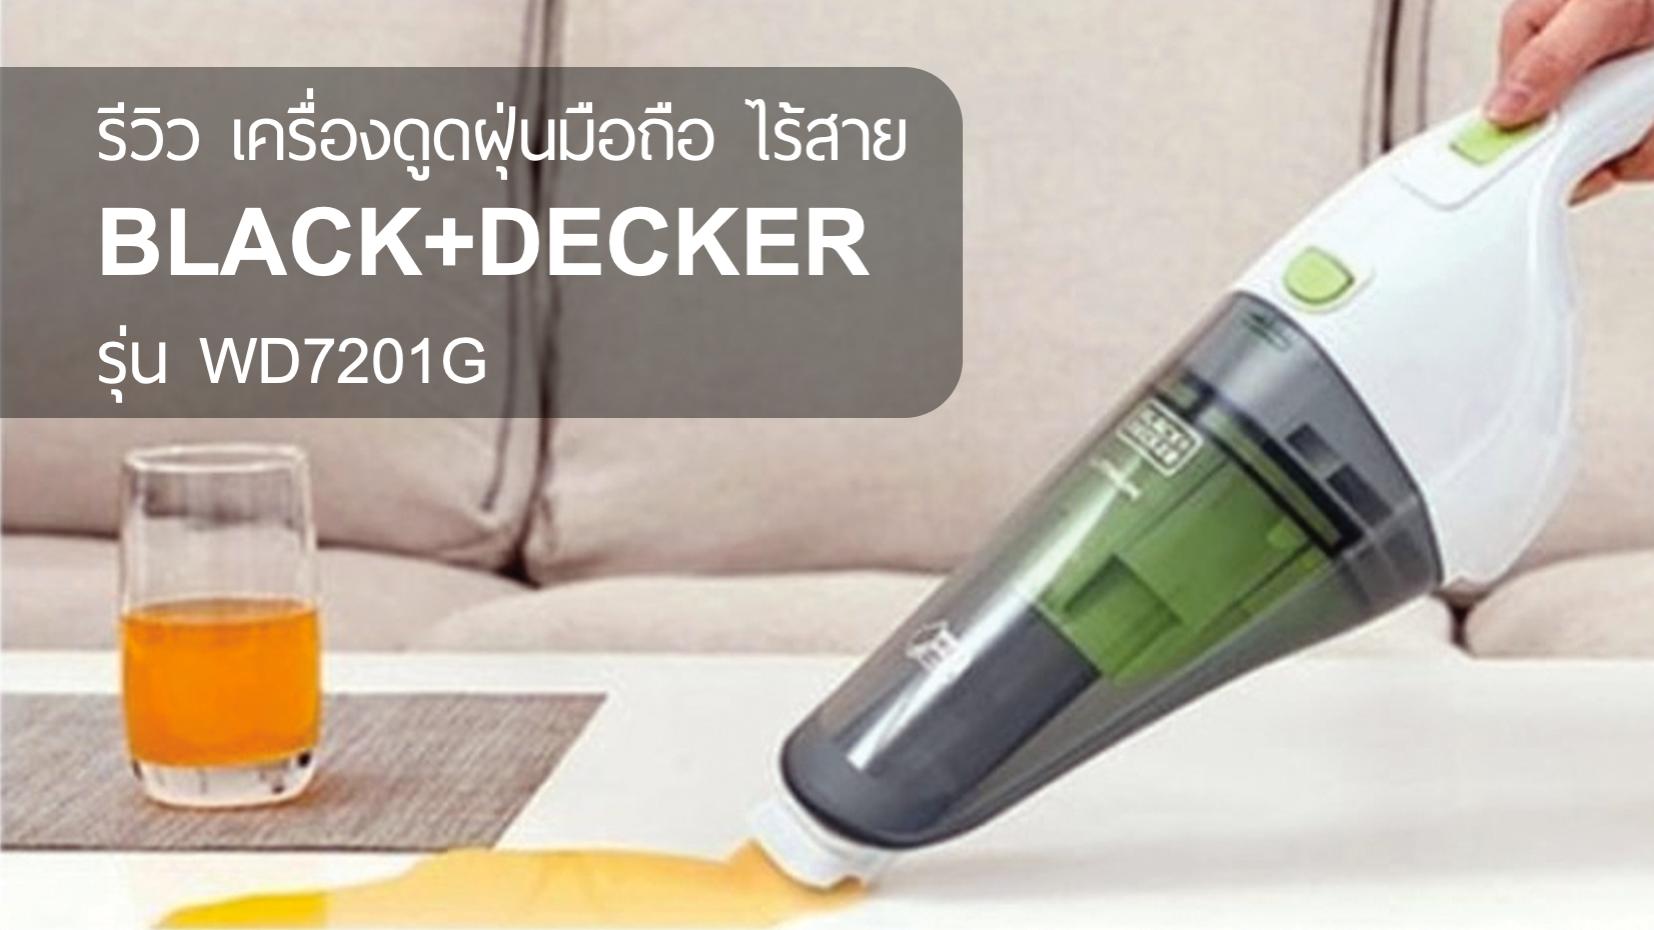 รีวิวเครื่องดูดฝุ่นมือถือ ไร้สาย Black+Decker dustbuster WD7201G ดูดแห้งก็ได้ ดูดเปียกก็ดี 1